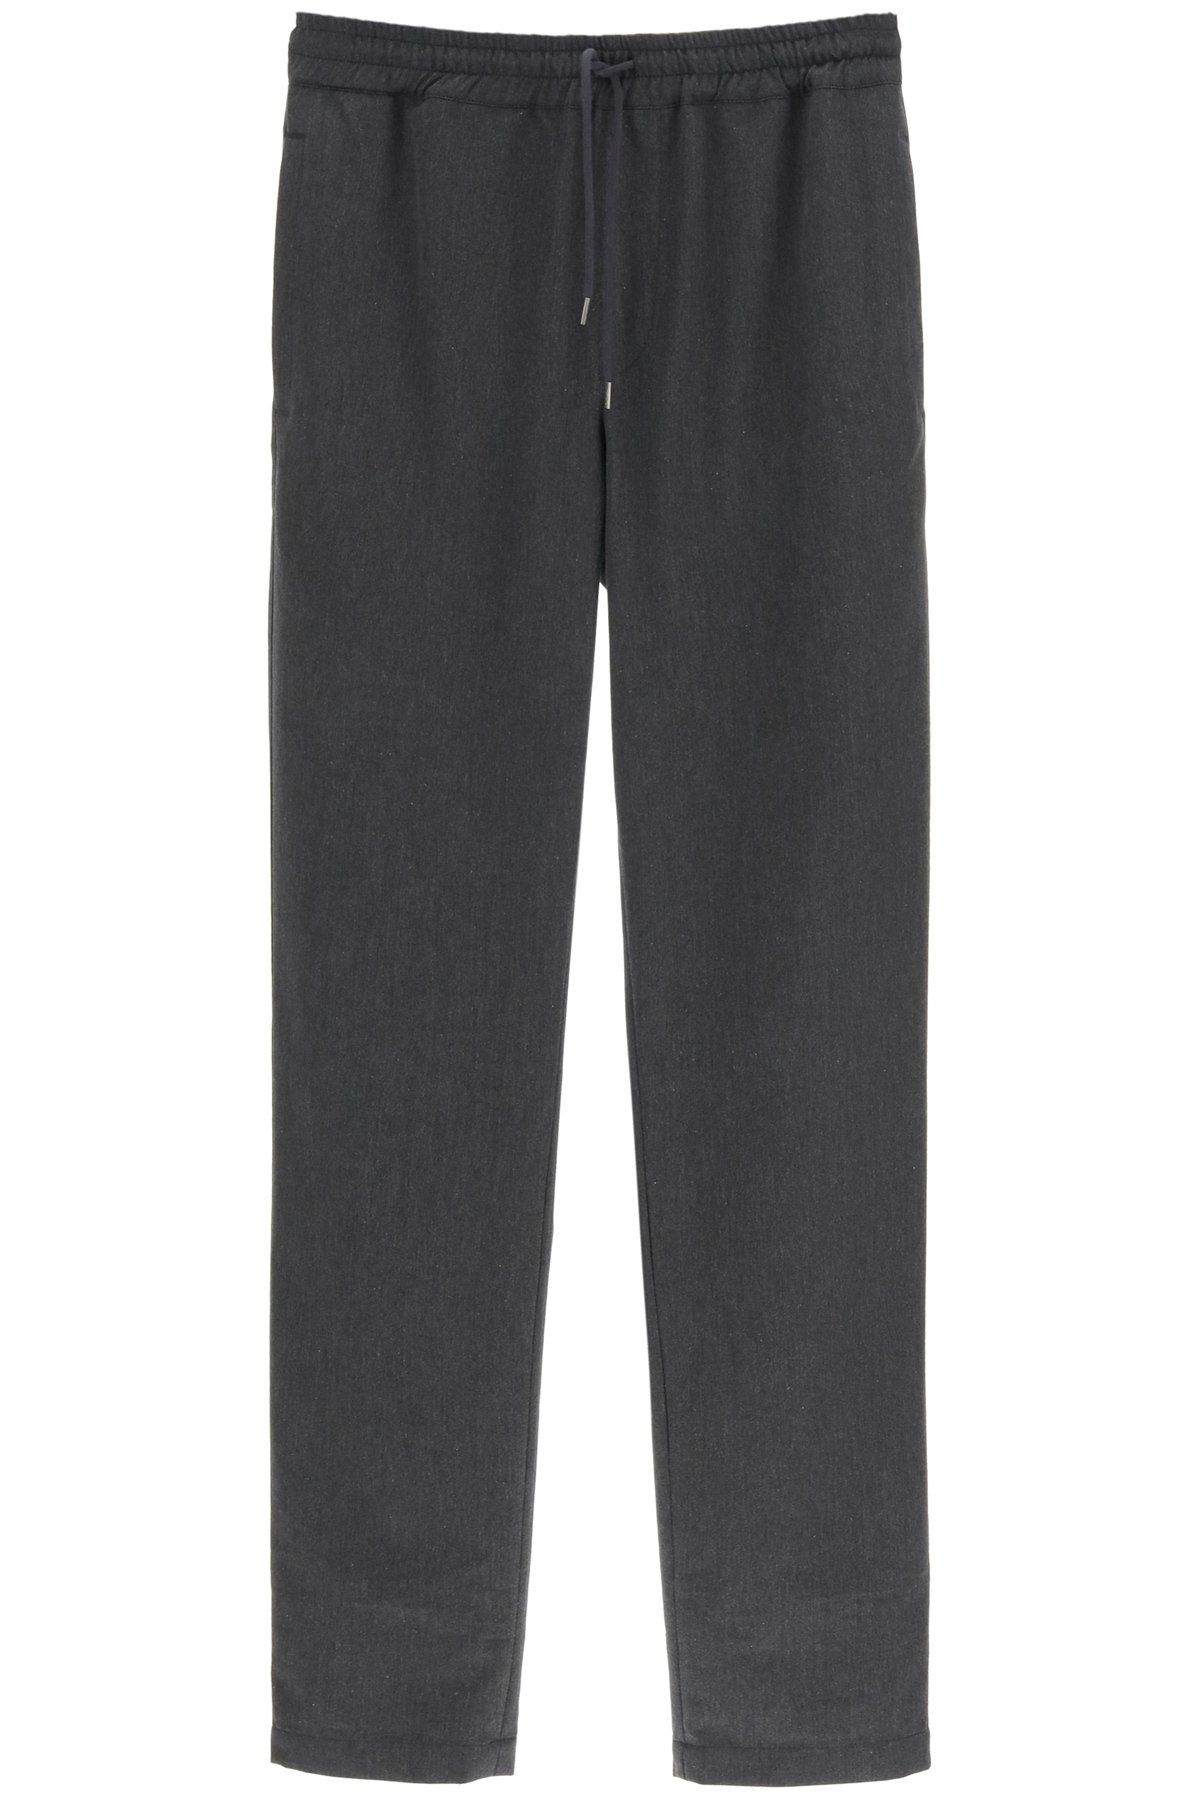 A.p.c. pantaloni new kablan